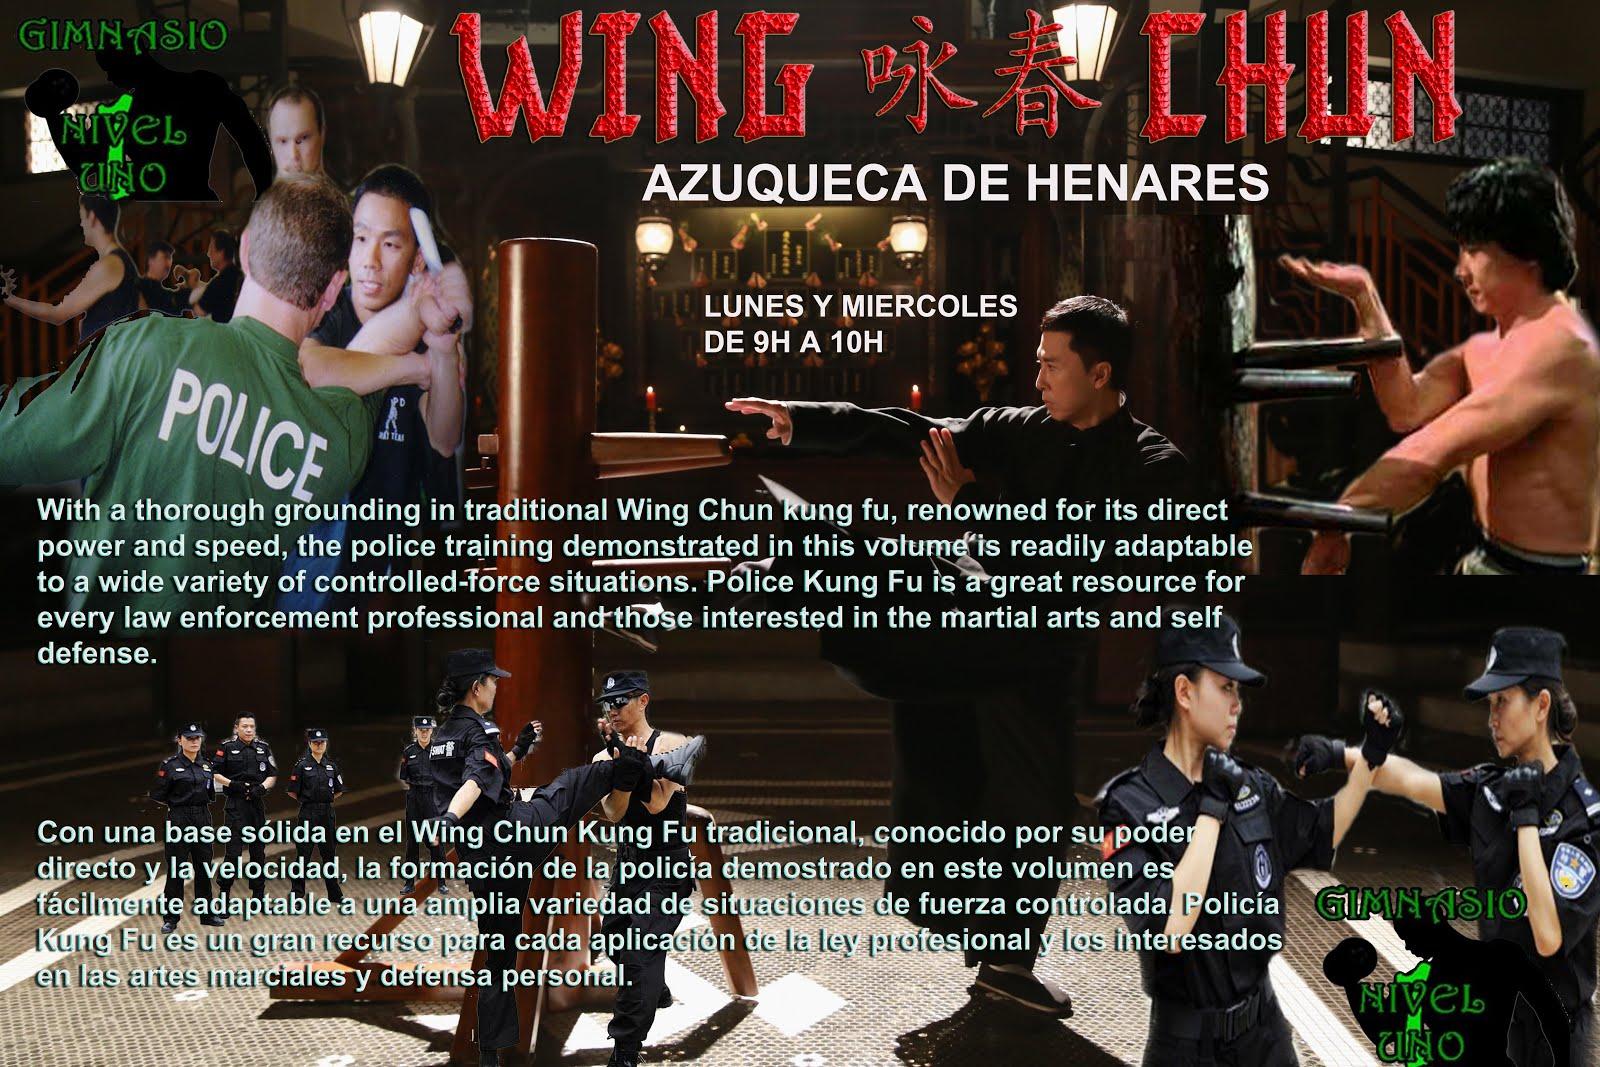 Wing Chun Clases y Cursos en Azuqueca de Henares - Información Tlf Móvil: 626 992 139